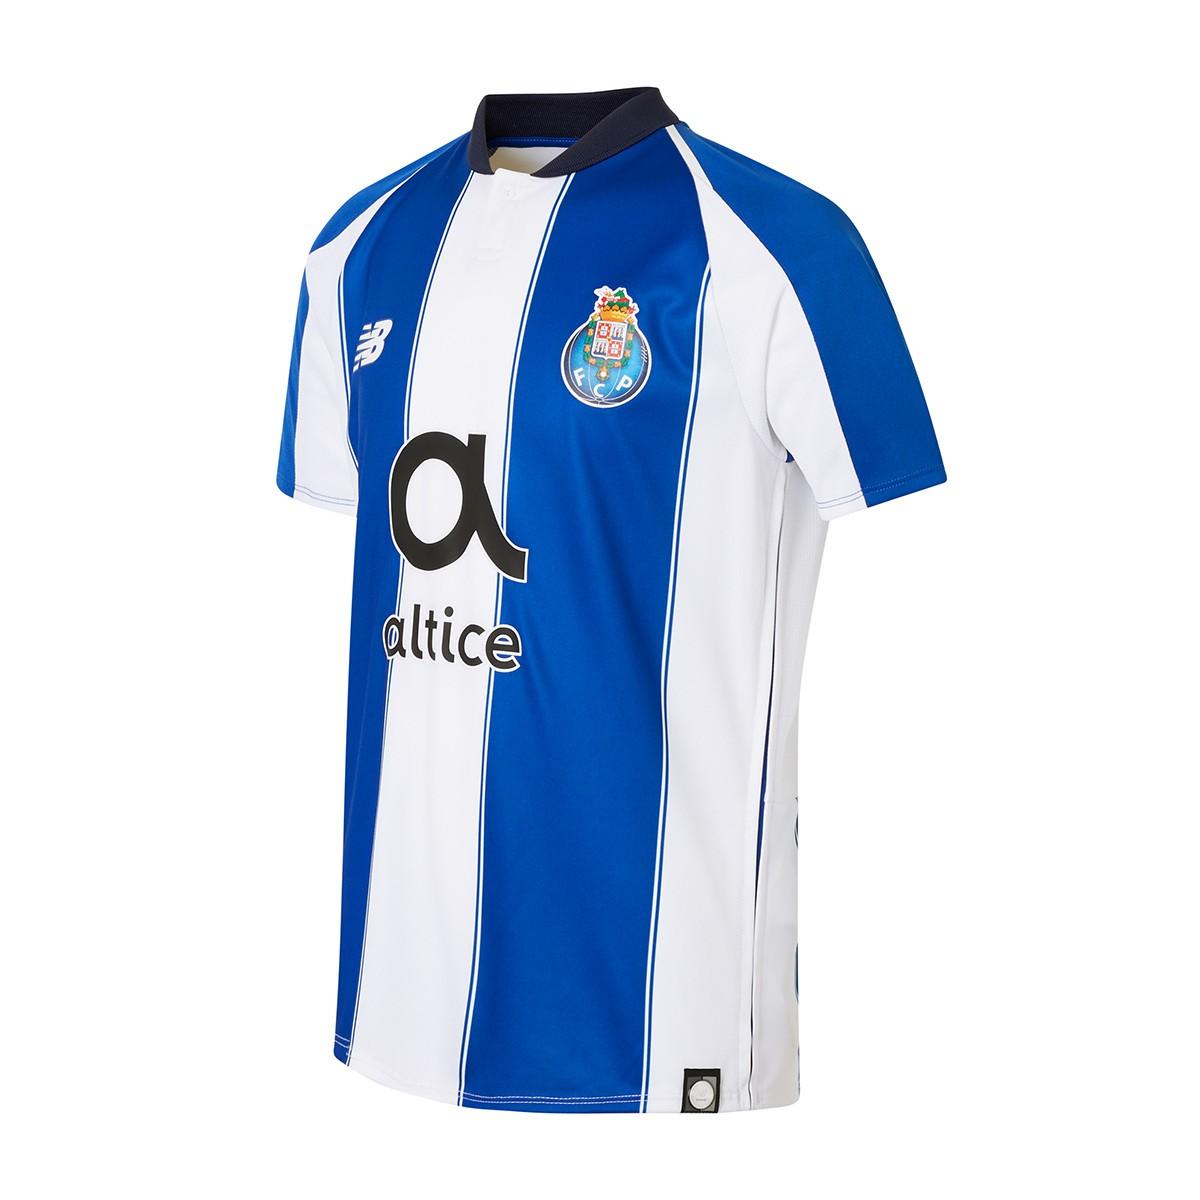 796dce728caf4 Camiseta New Balance FC Porto Primera Equipación 2018-2019 Niño Azul-Blanco  - Tienda de fútbol Fútbol Emotion